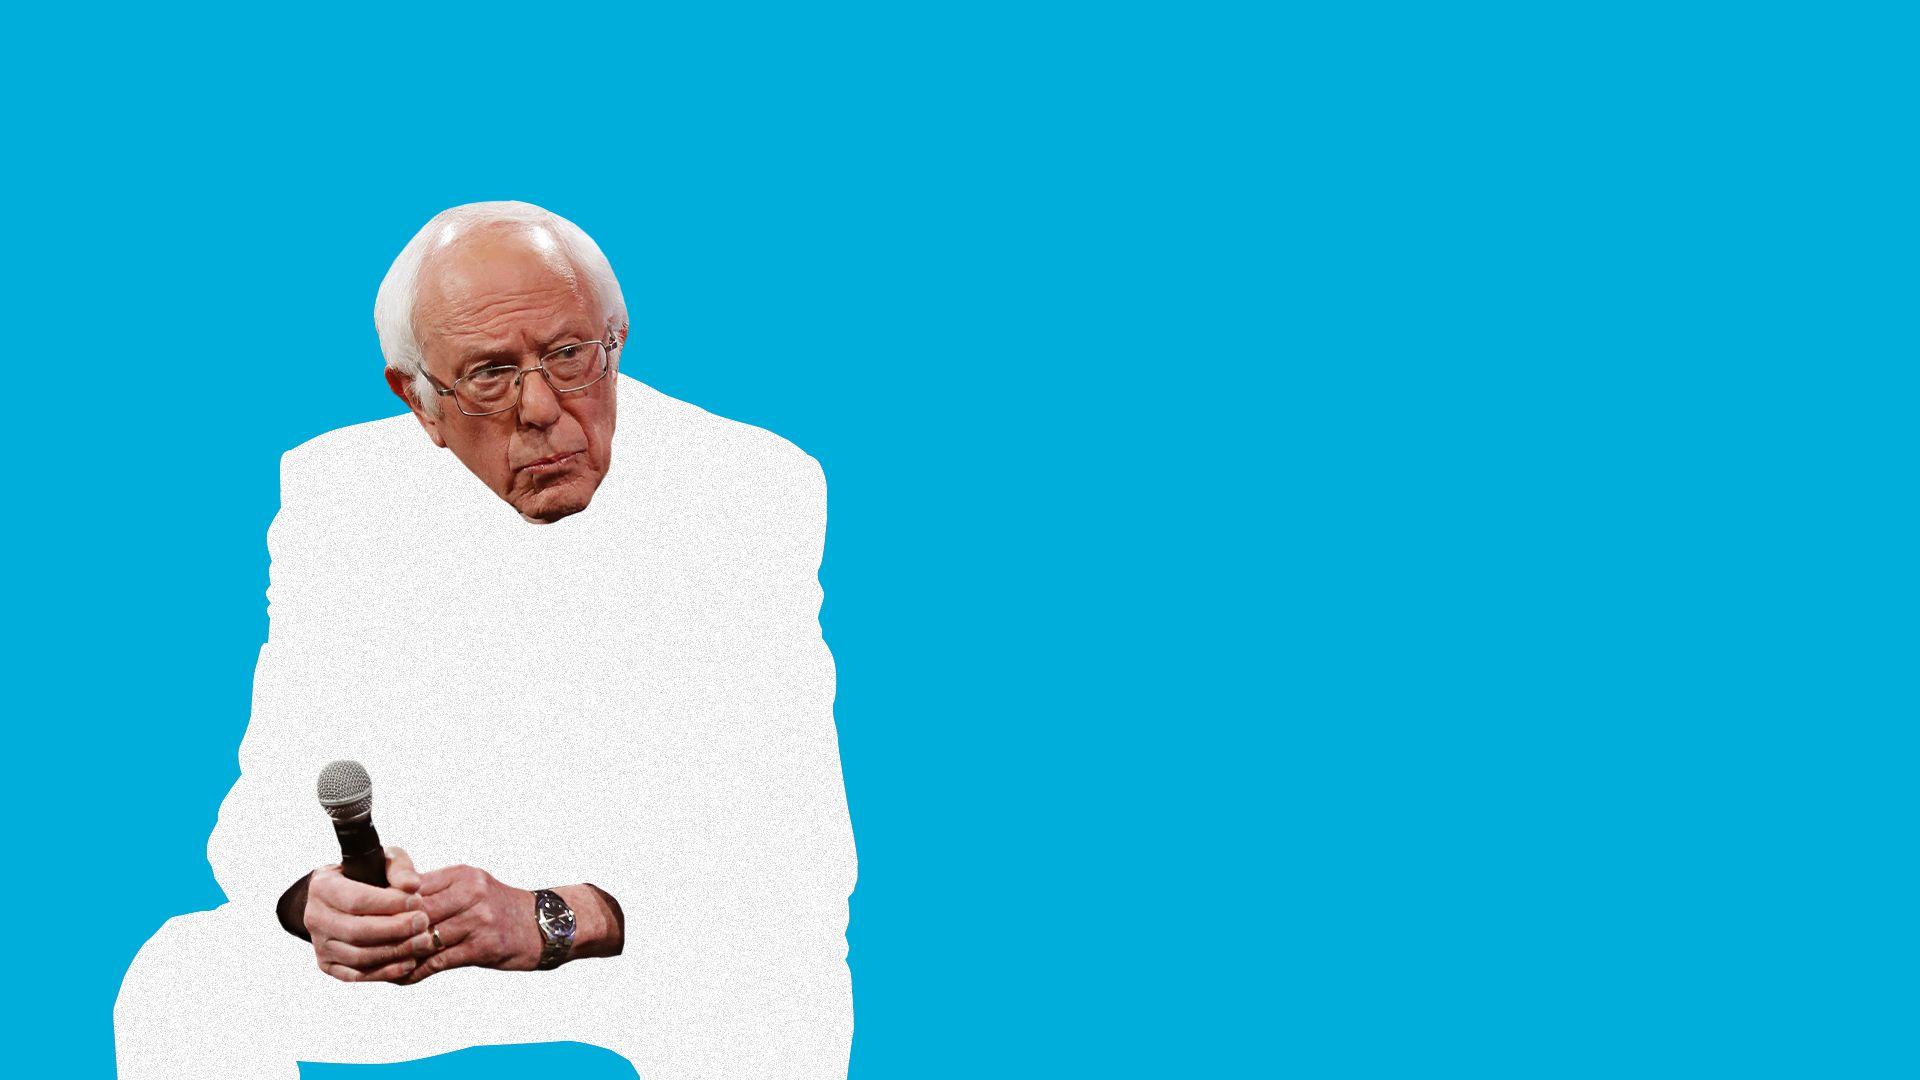 Bernie Sanders' pipe dreams